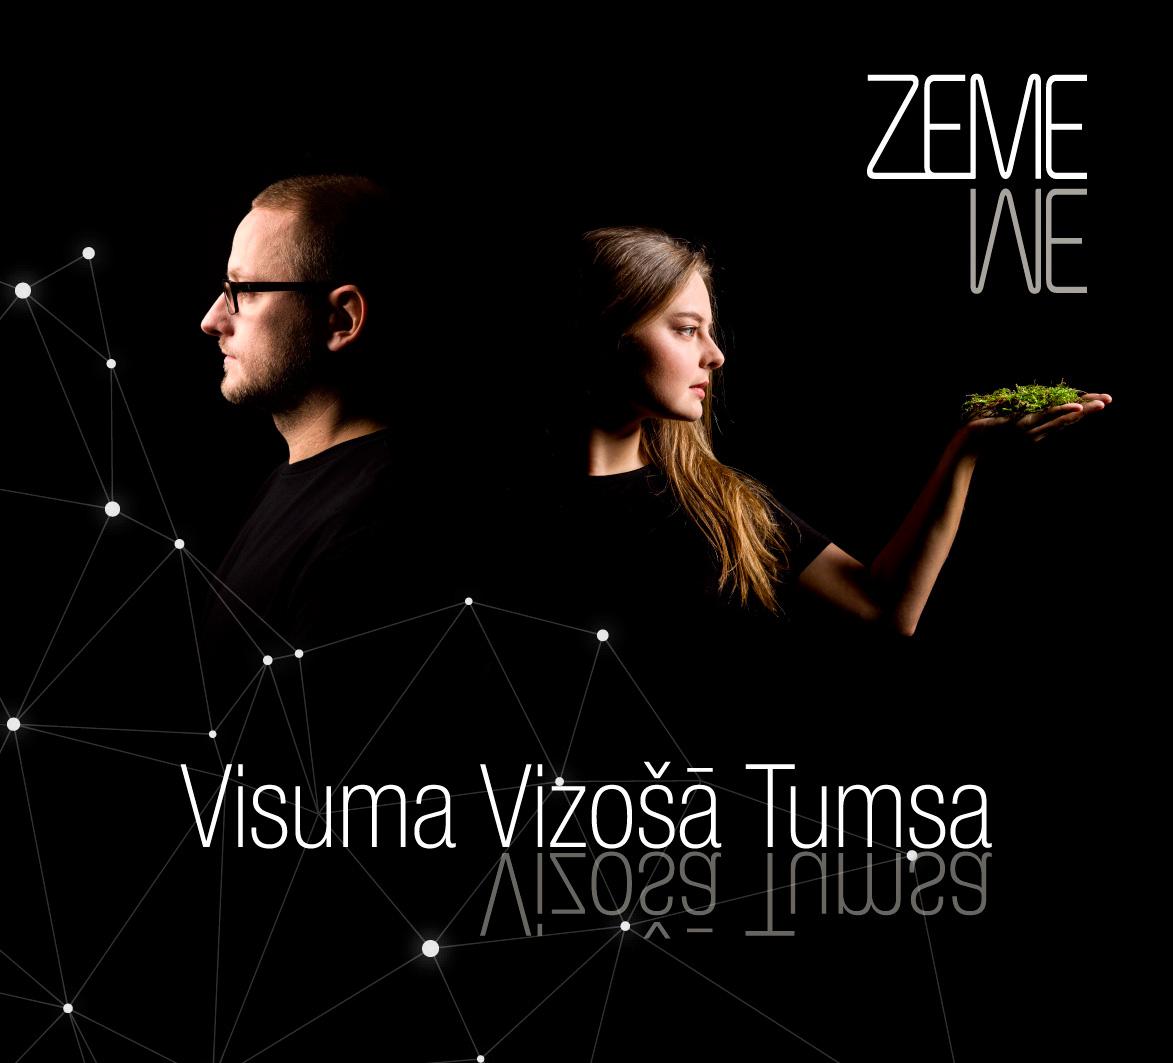 ZeMe gatavojas savam pirmajam īpašajam koncertam Mūzikas namā Daile 20. septembrī